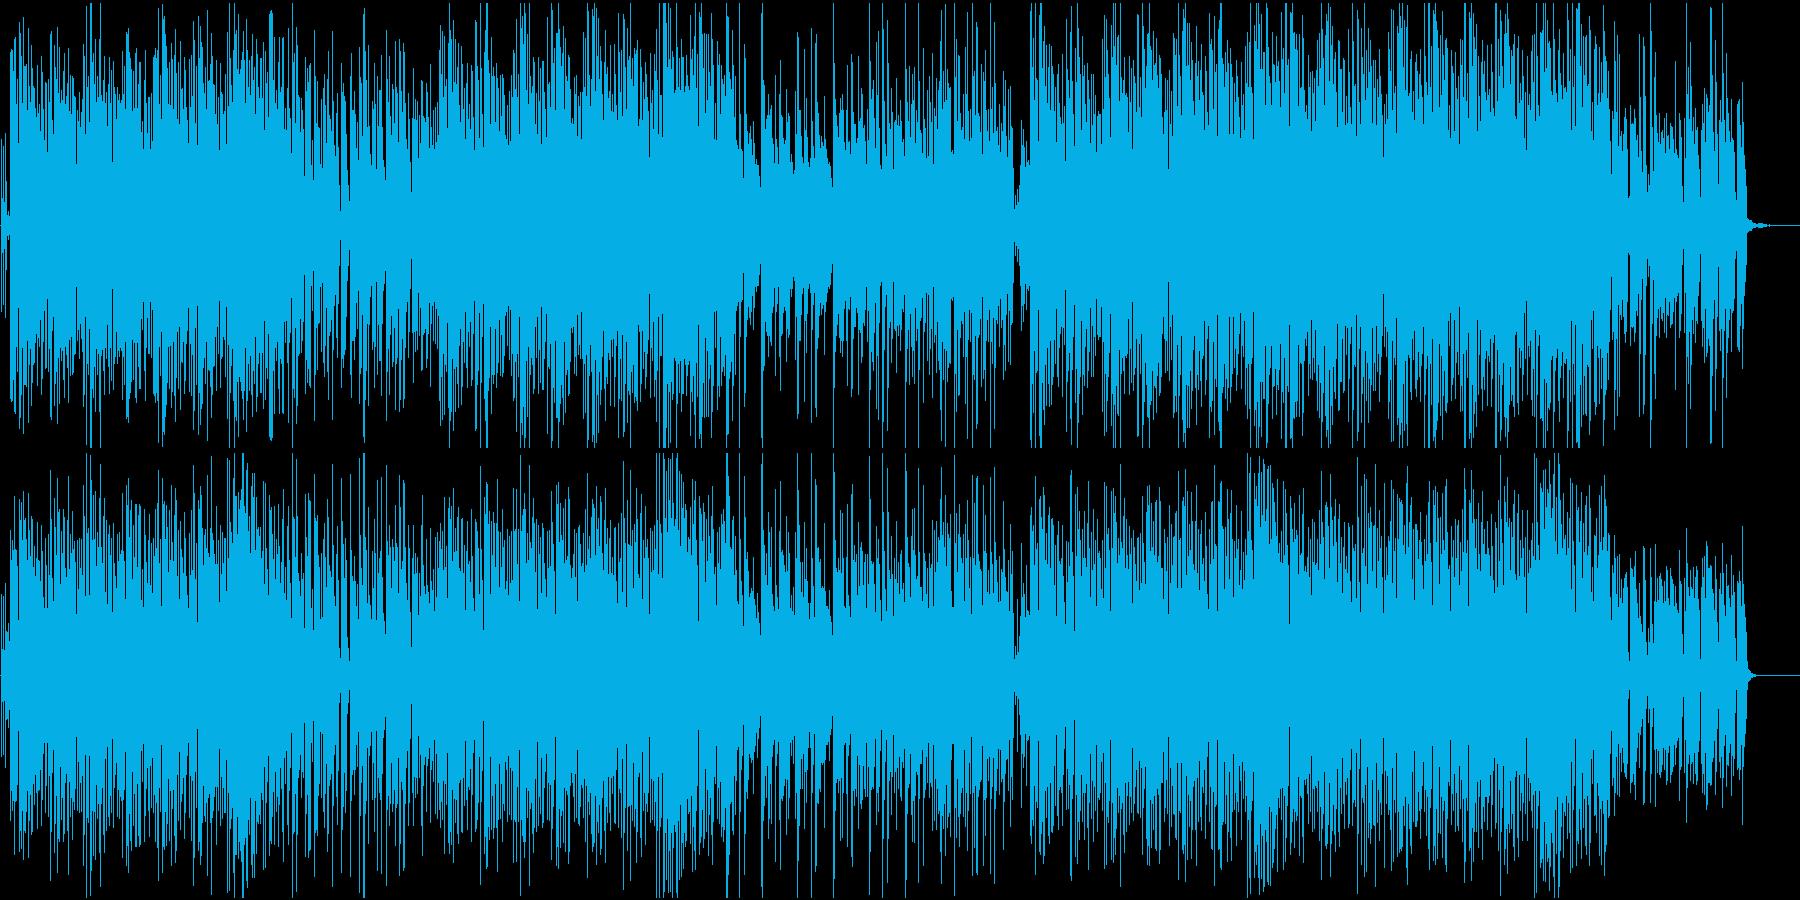 琴と三味線のおしゃれでポップな和風曲の再生済みの波形